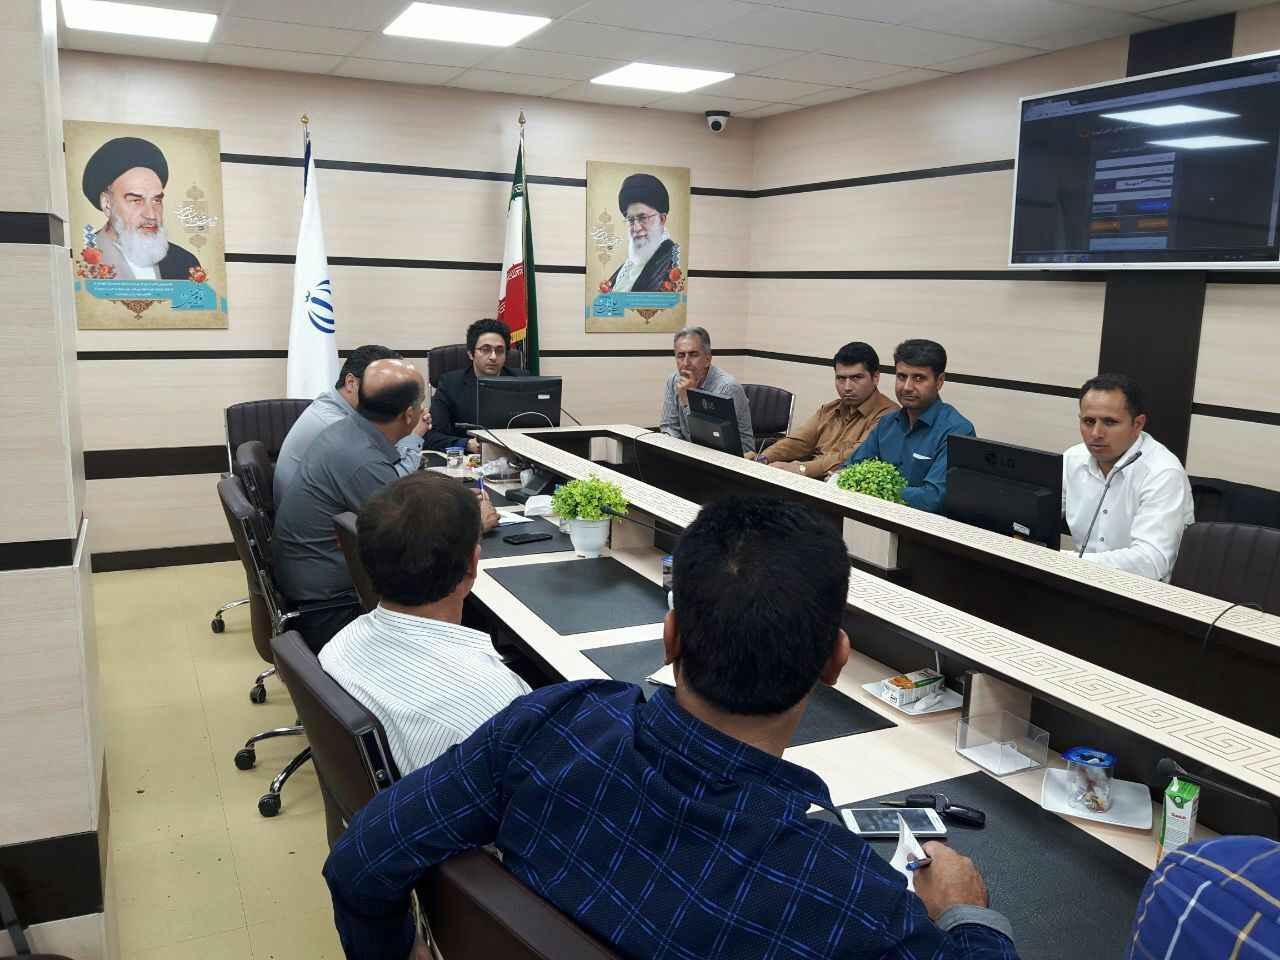 برگزاری جلسه توجیهی سادا در اداره کل امور اقتصادی و دارایی استان ایلام